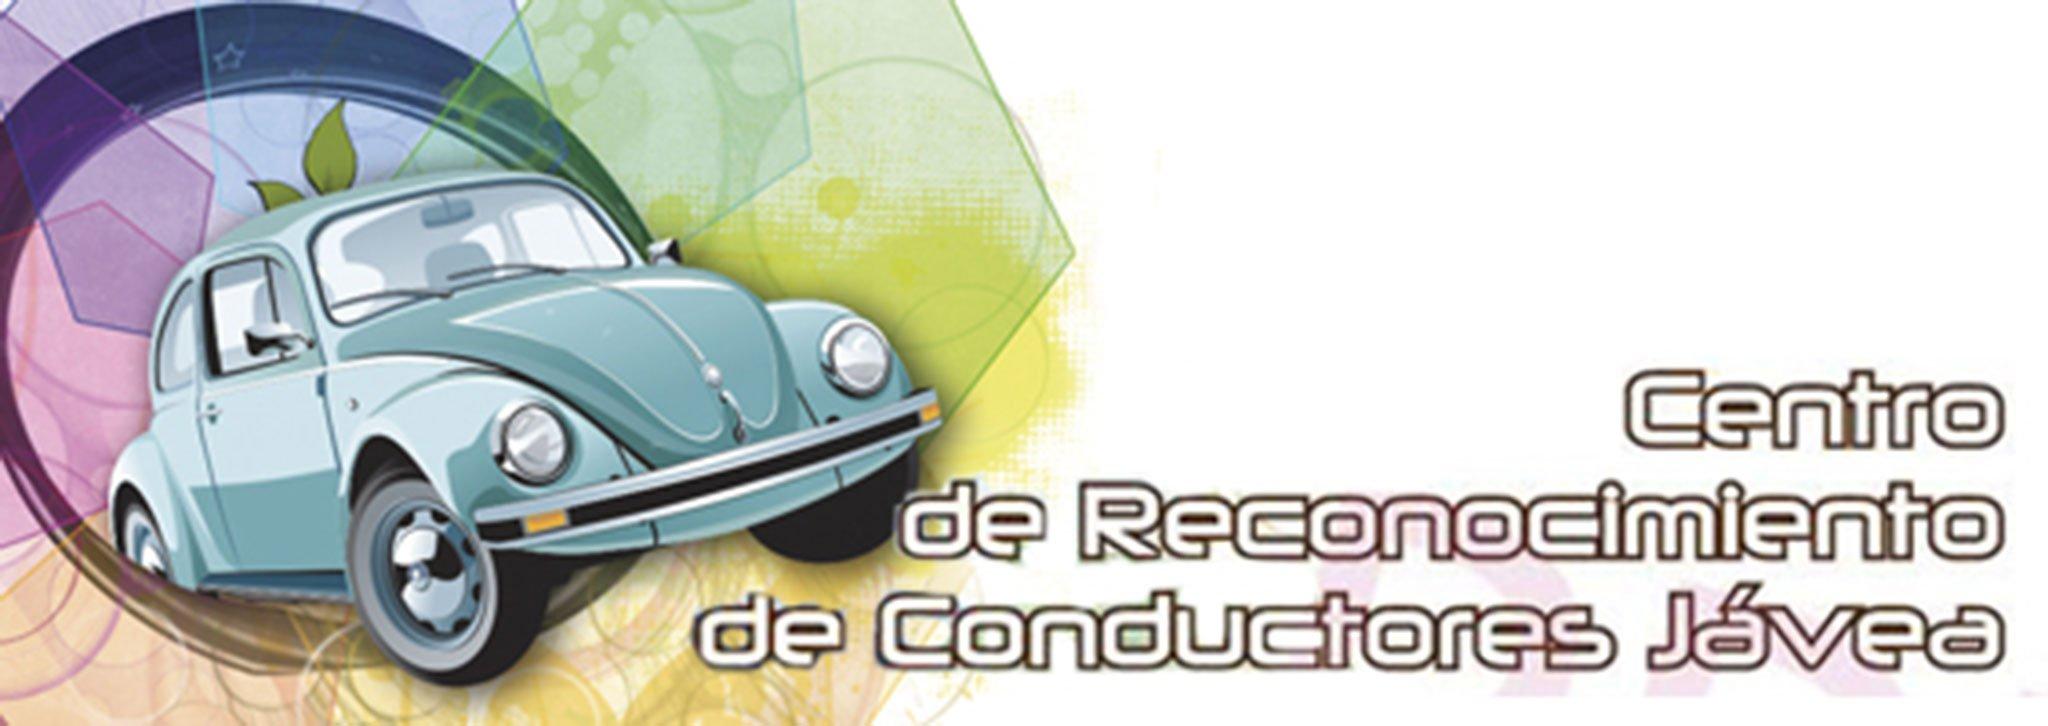 Logotipo de Centro de Reconocimiento de Conductores Jávea